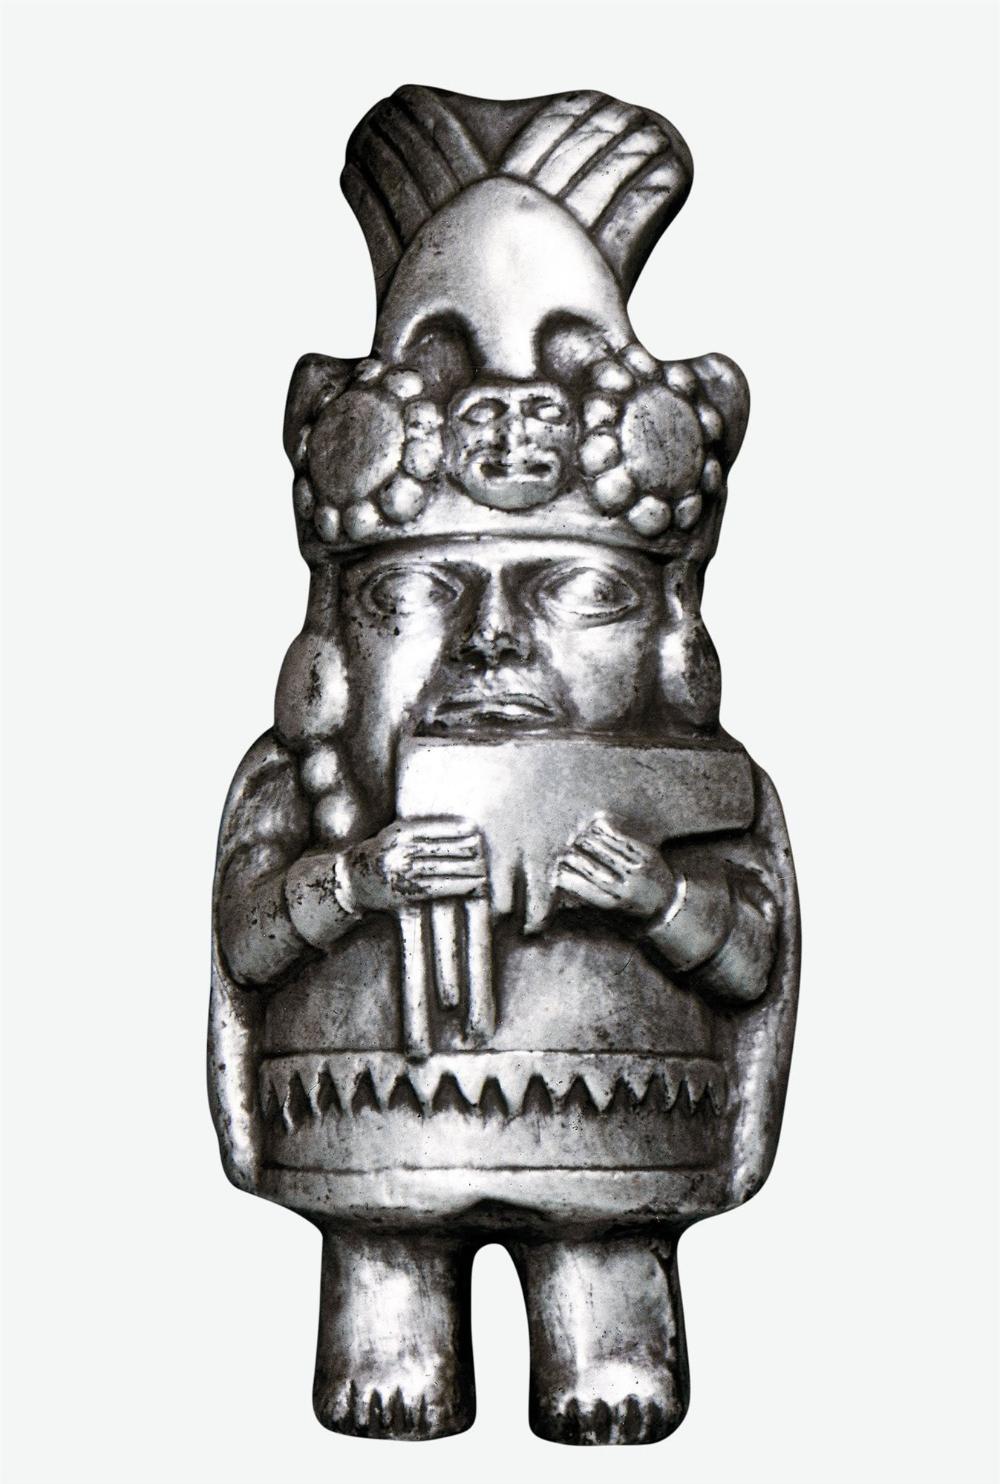 EL SIKURI: UNA PODEROSA EXPRESIÓN CULTURAL e HISTÓRICA ANDINA. – PERÚ PLURAL